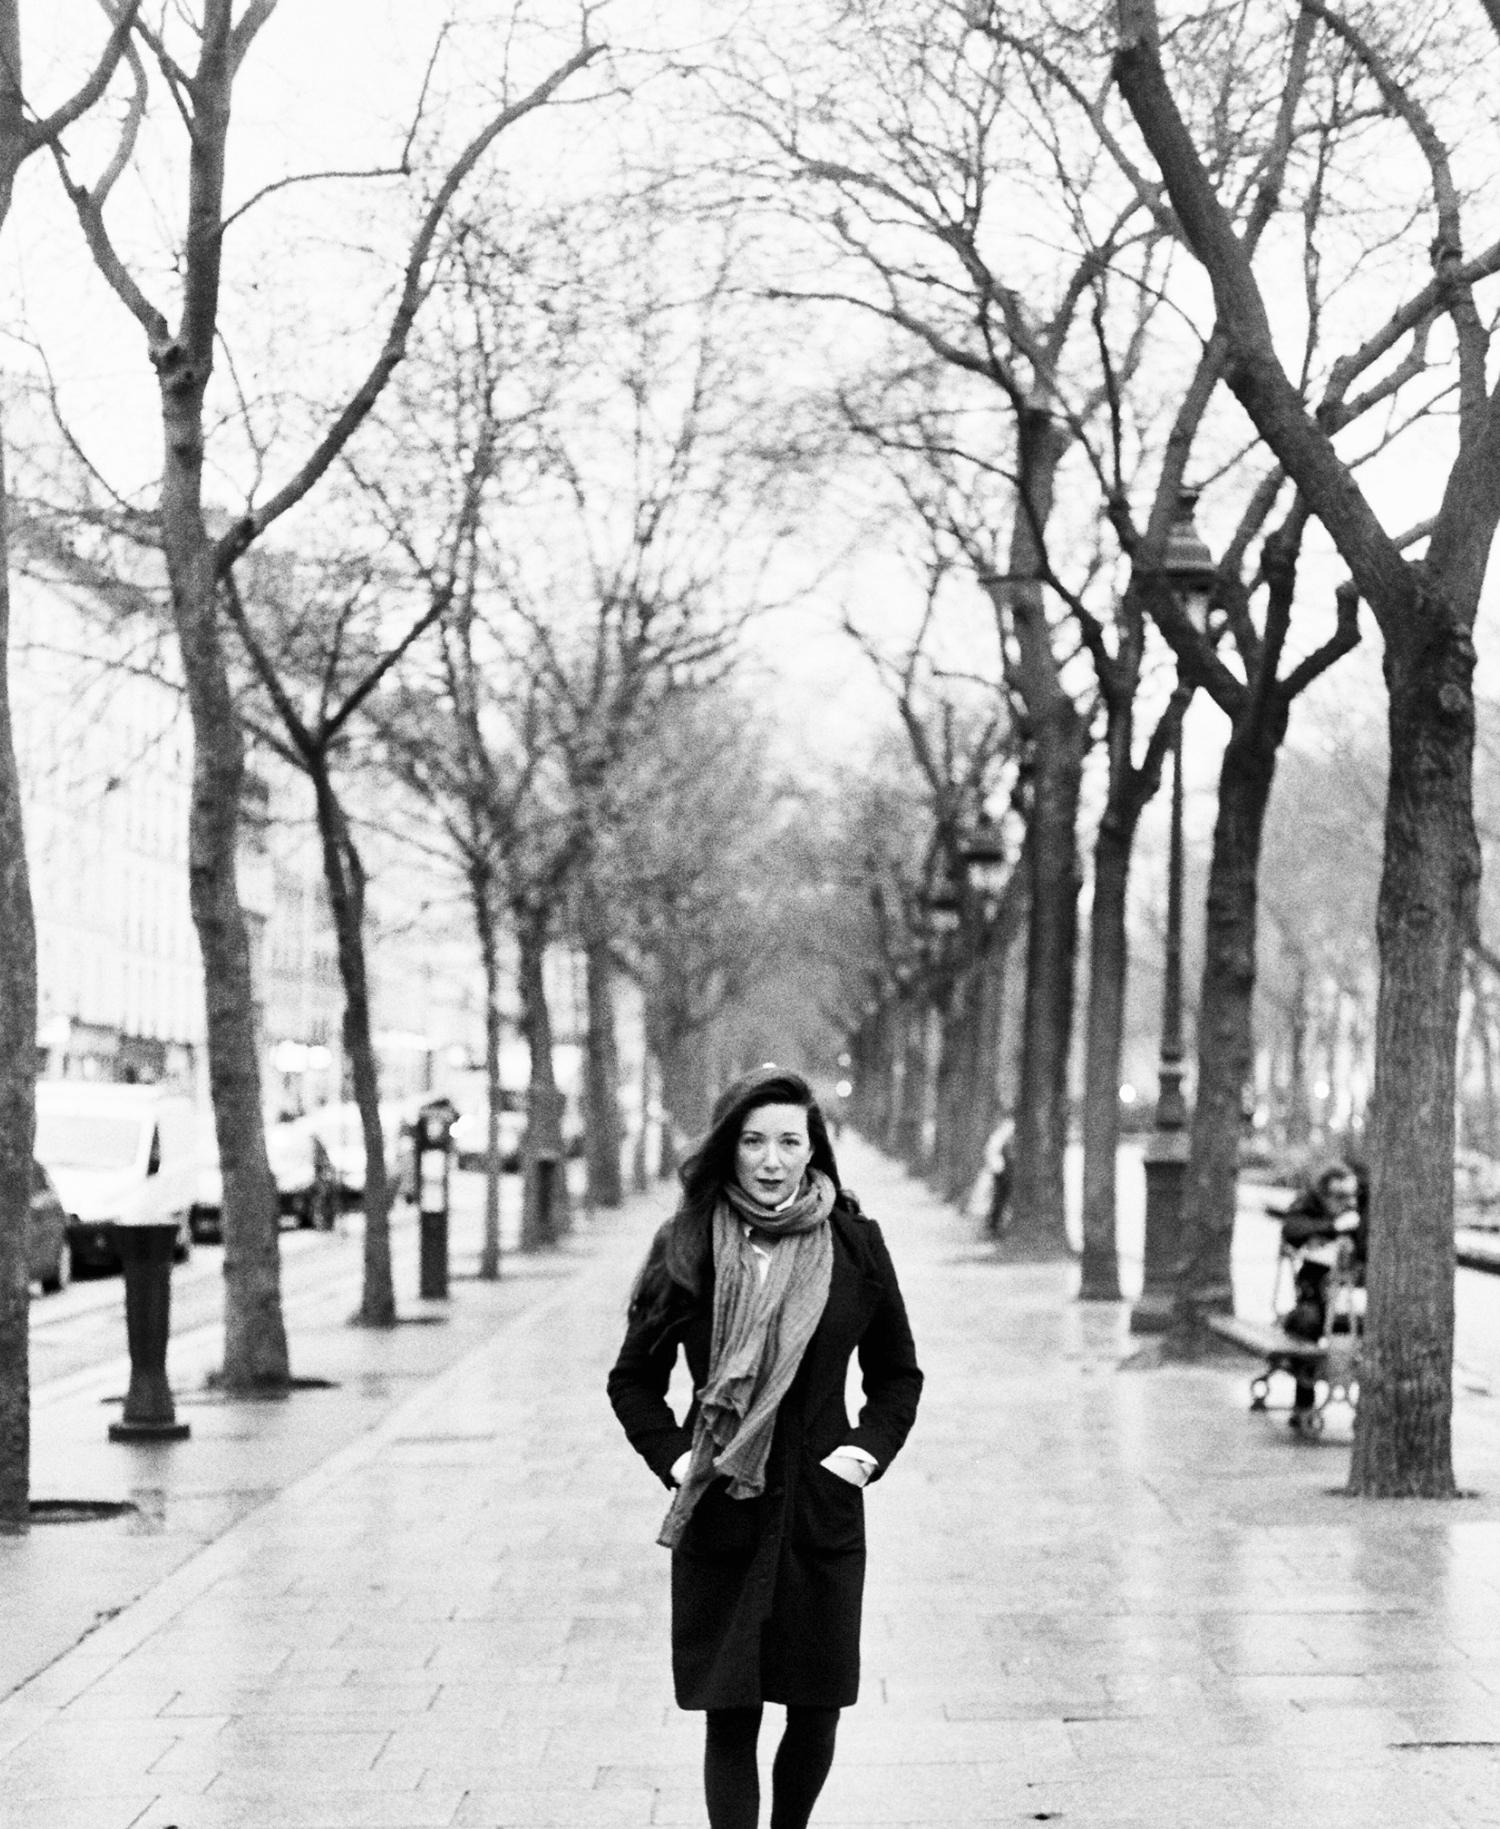 Paris_In_the_Winter018